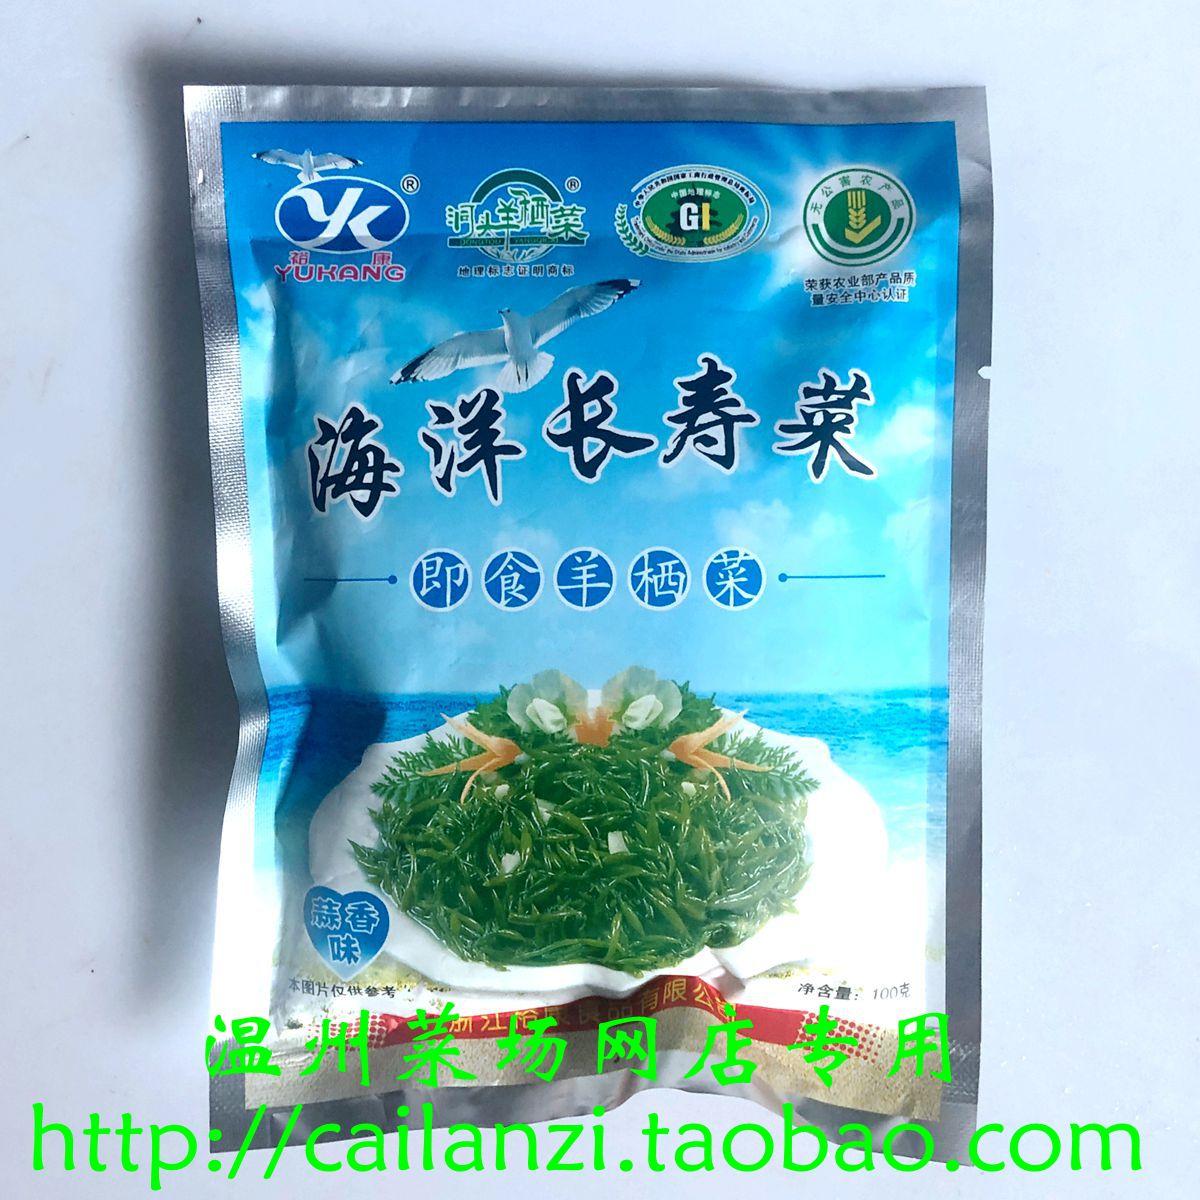 温州洞头特产 即食羊栖菜 三头麦 东海长寿菜 海藻 阳西菜 100g